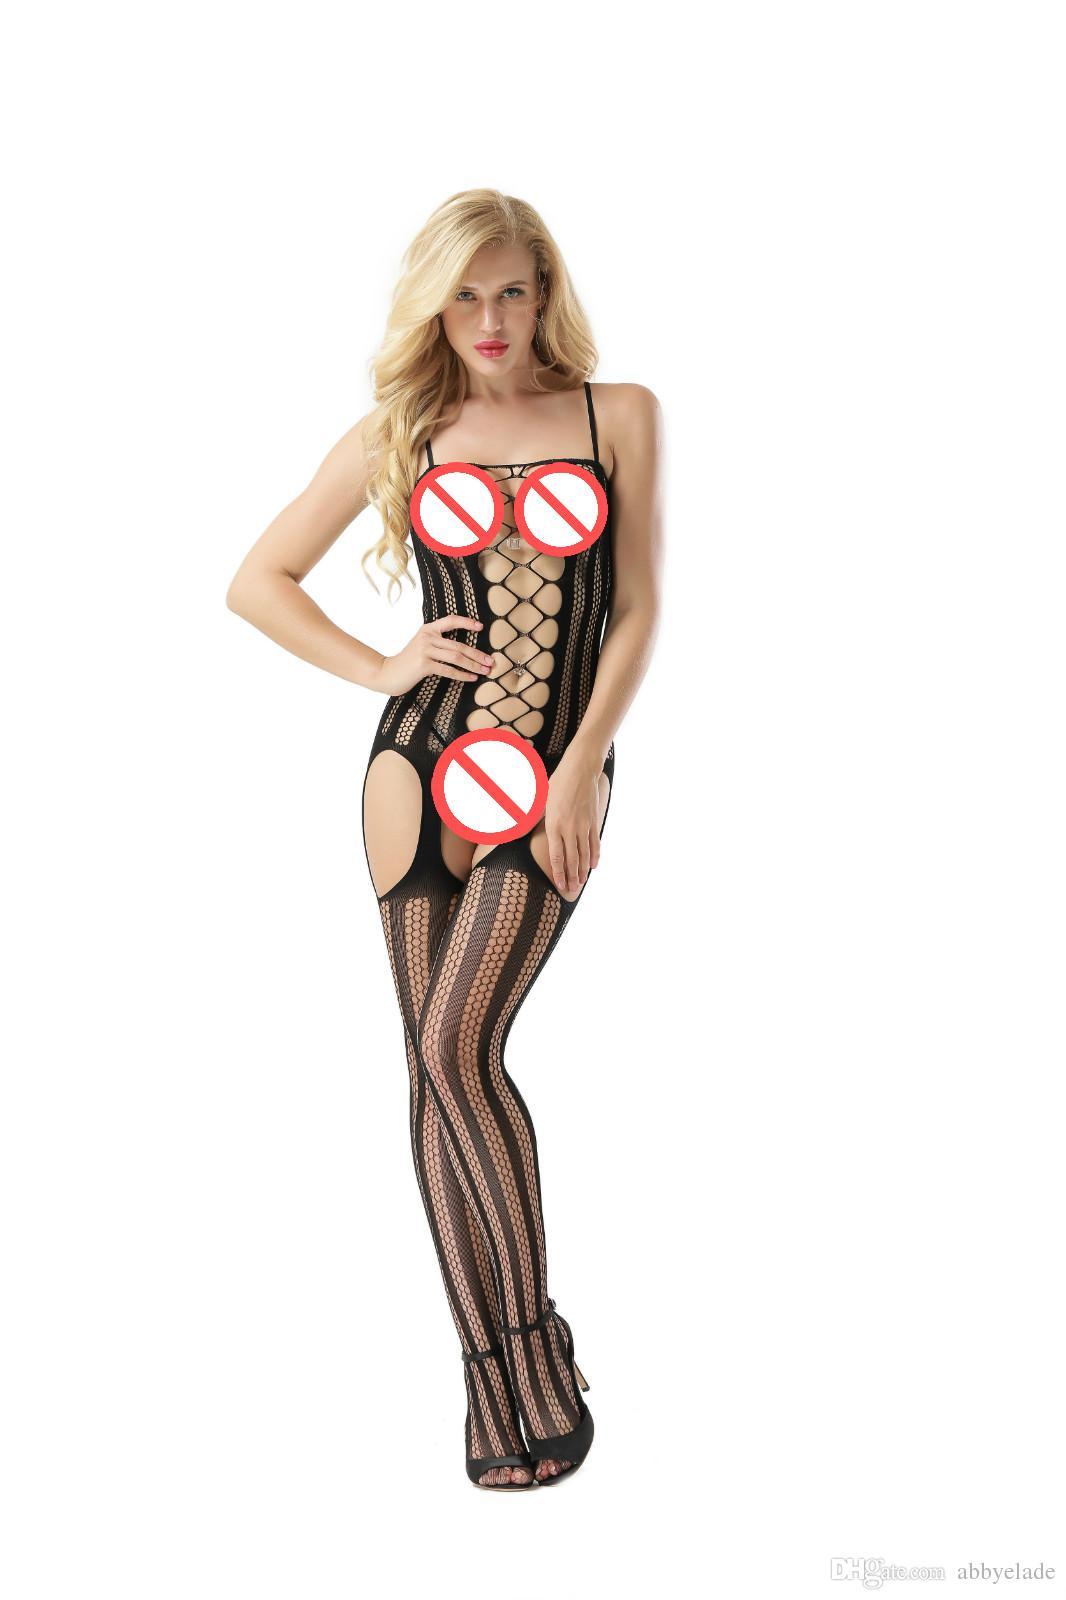 Maillot sans manches Chemise Jarretelles Body Stocking Vêtements de nuit bas de corps décapant délicat Sexi Lingerie Opaque Bodysocks bodystocking sexy